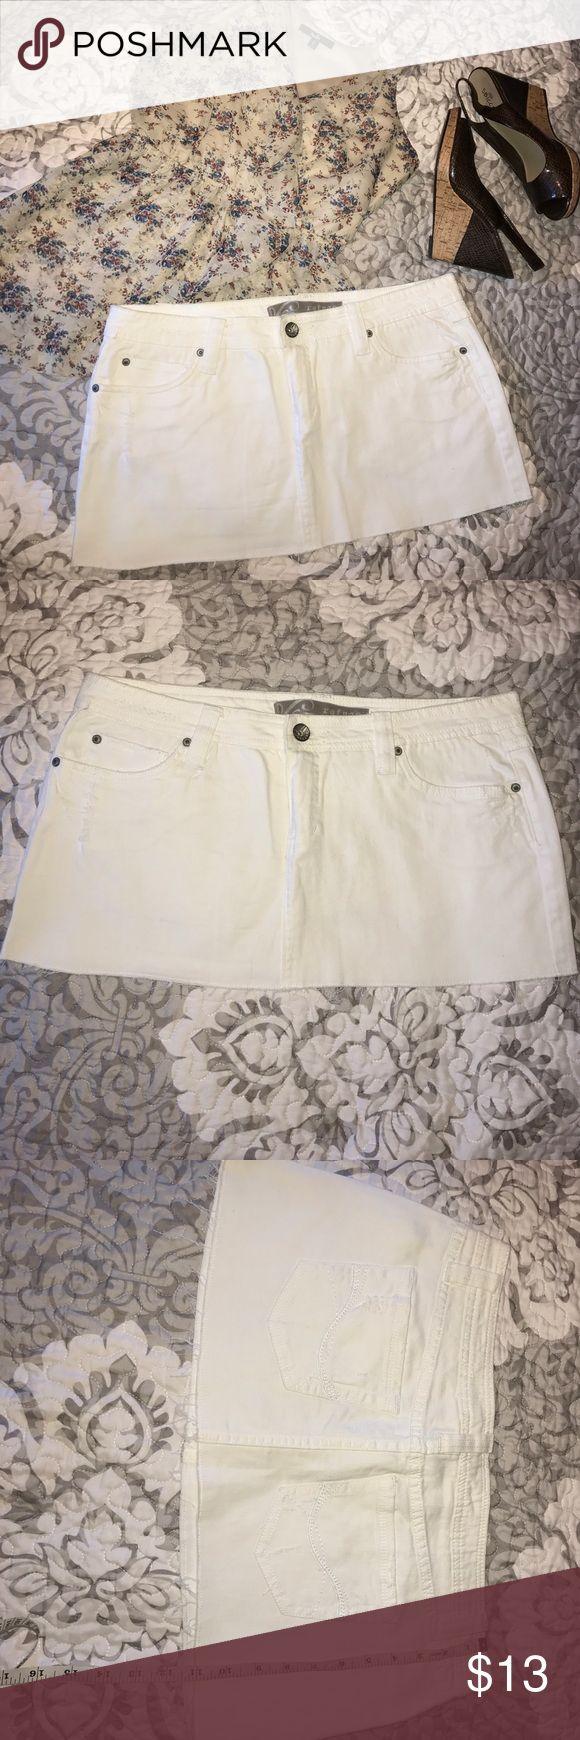 White Jean mini skirt White jean mini skirt with distressed detail on back pocket and frayed hem. 98%cotton 2%spandex Refuge Skirts Mini